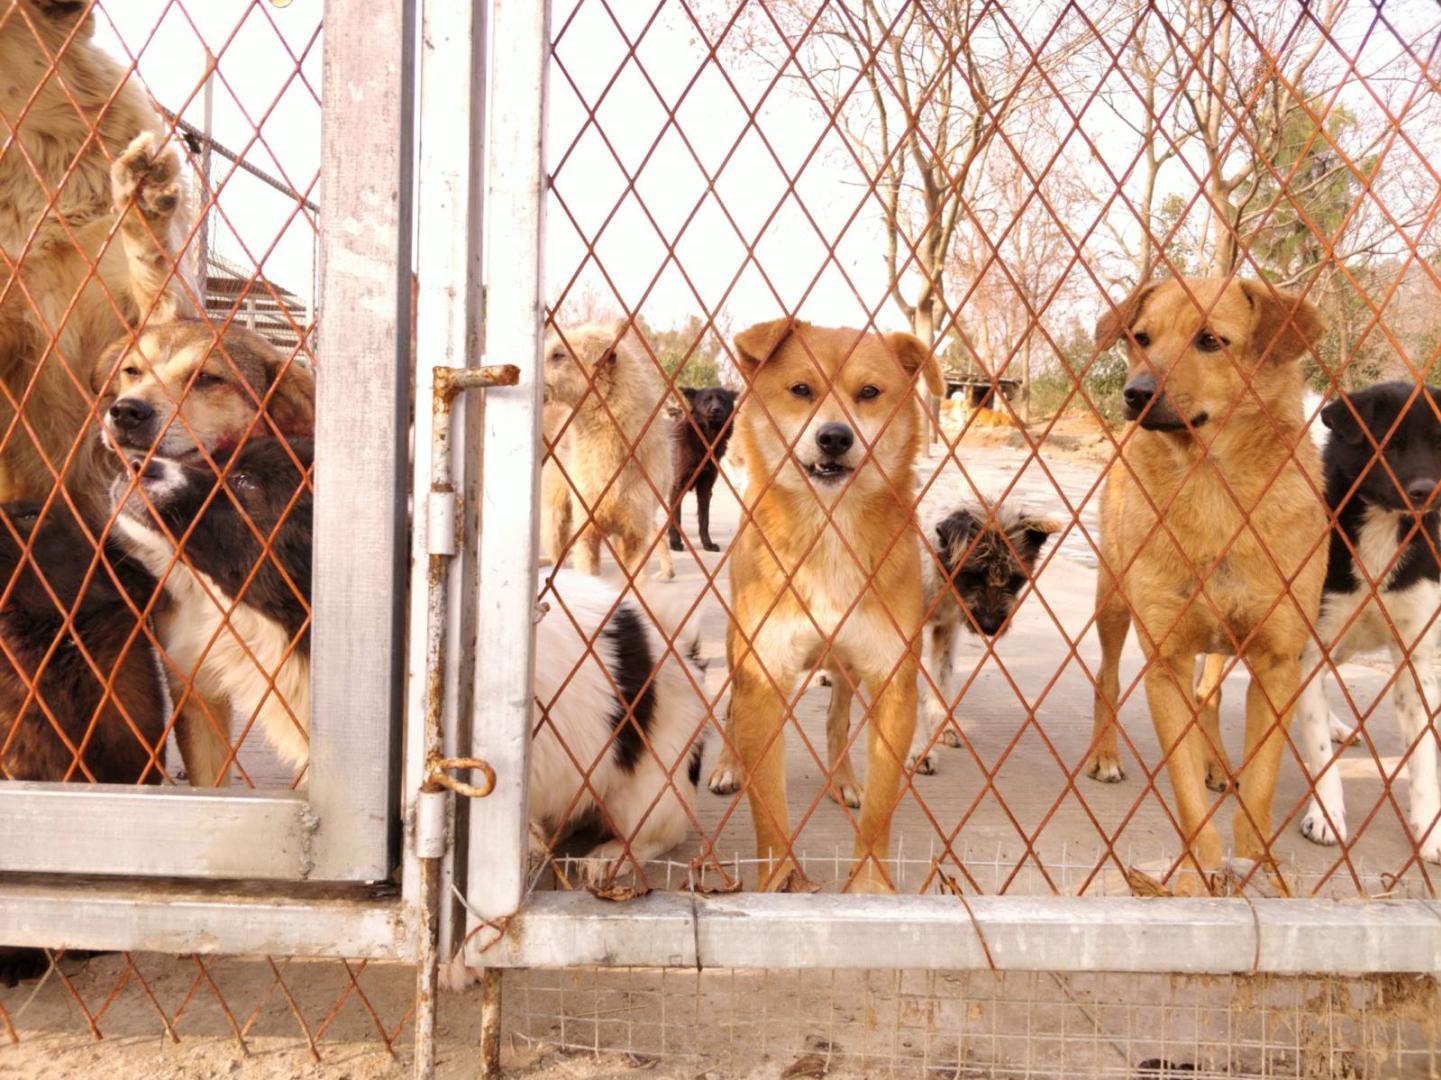 這家動物保護組織竟敢硬剛任天堂最強法務部!